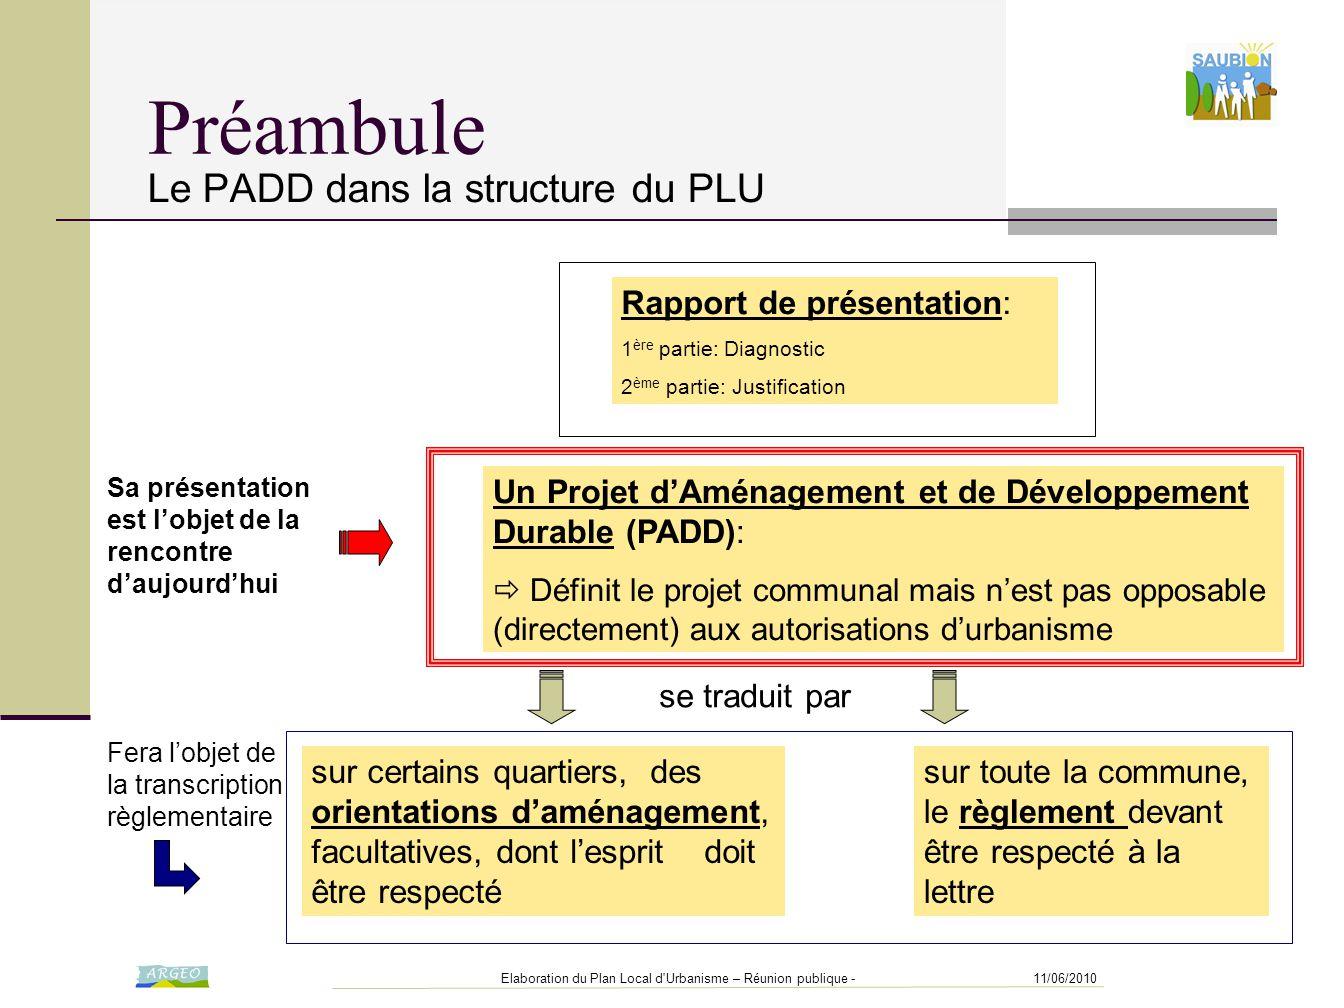 11/06/2010Elaboration du Plan Local d'Urbanisme – Réunion publique - Préambule Le PADD dans la structure du PLU Rapport de présentation: 1 ère partie: